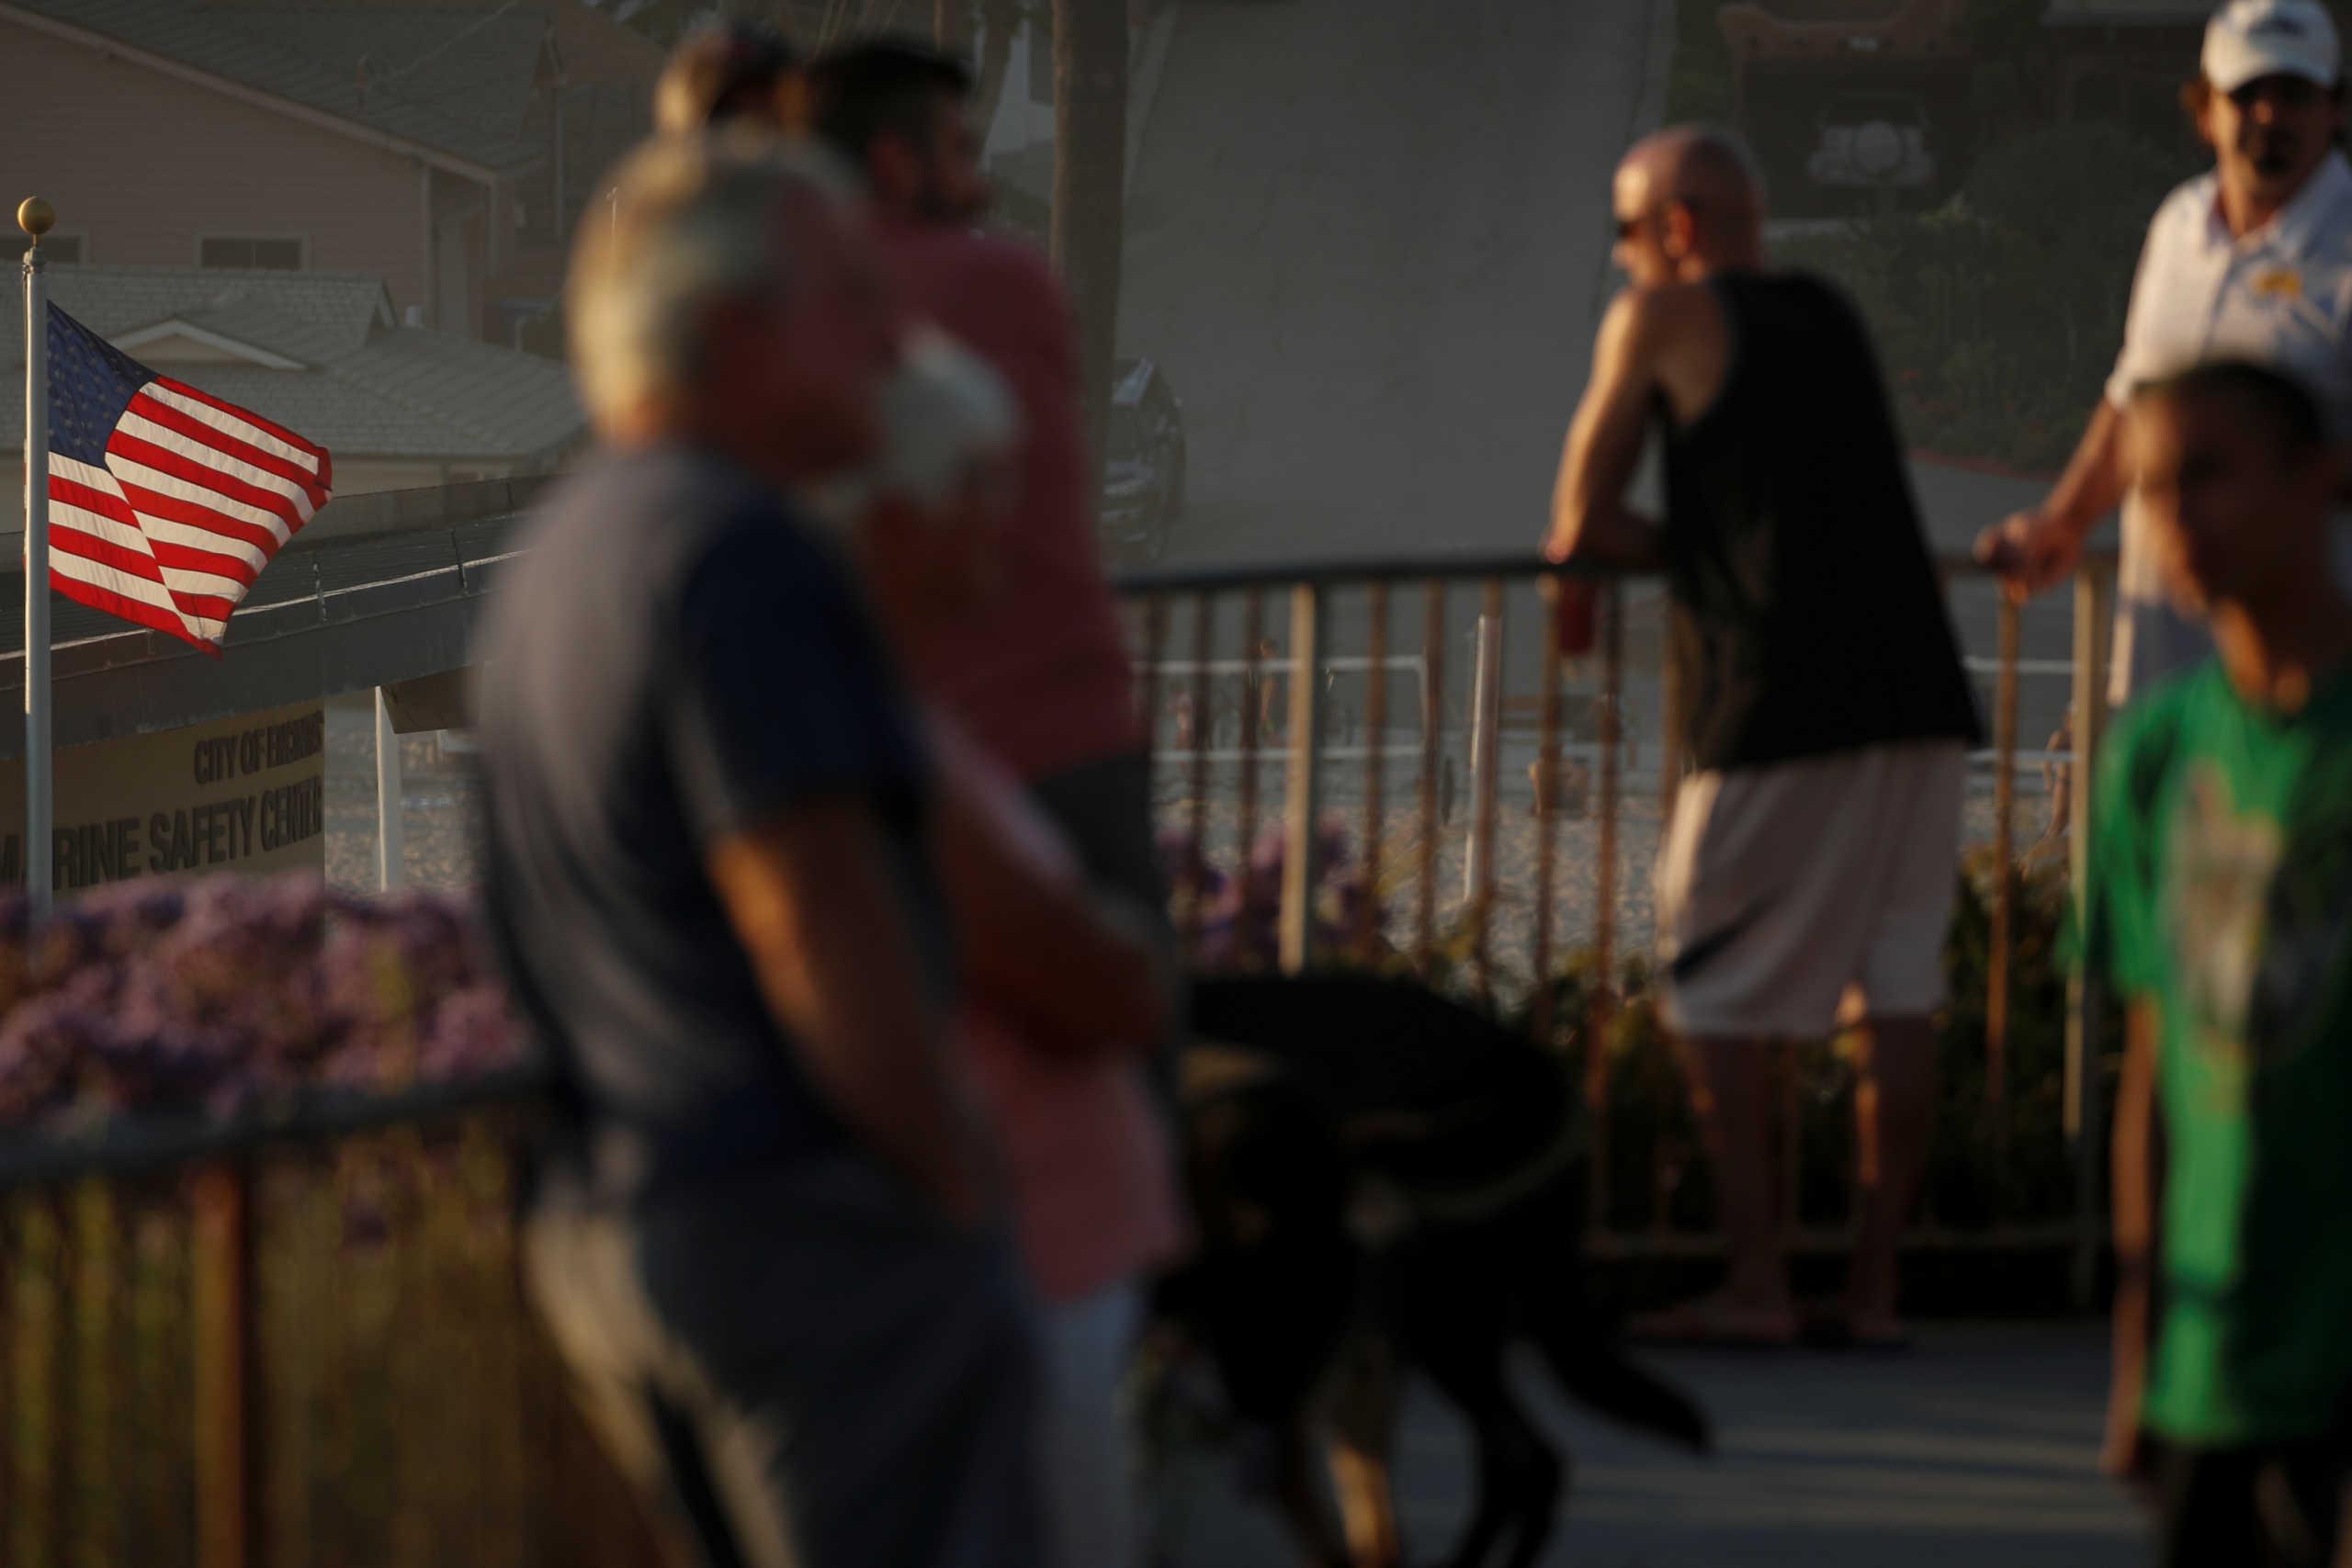 Ο κορονοϊός αντεπιτίθεται! 42.000 κρούσματα σε μια μέρα, νέα μέτρα σε Καλιφόρνια, Τέξας, Φλόριντα